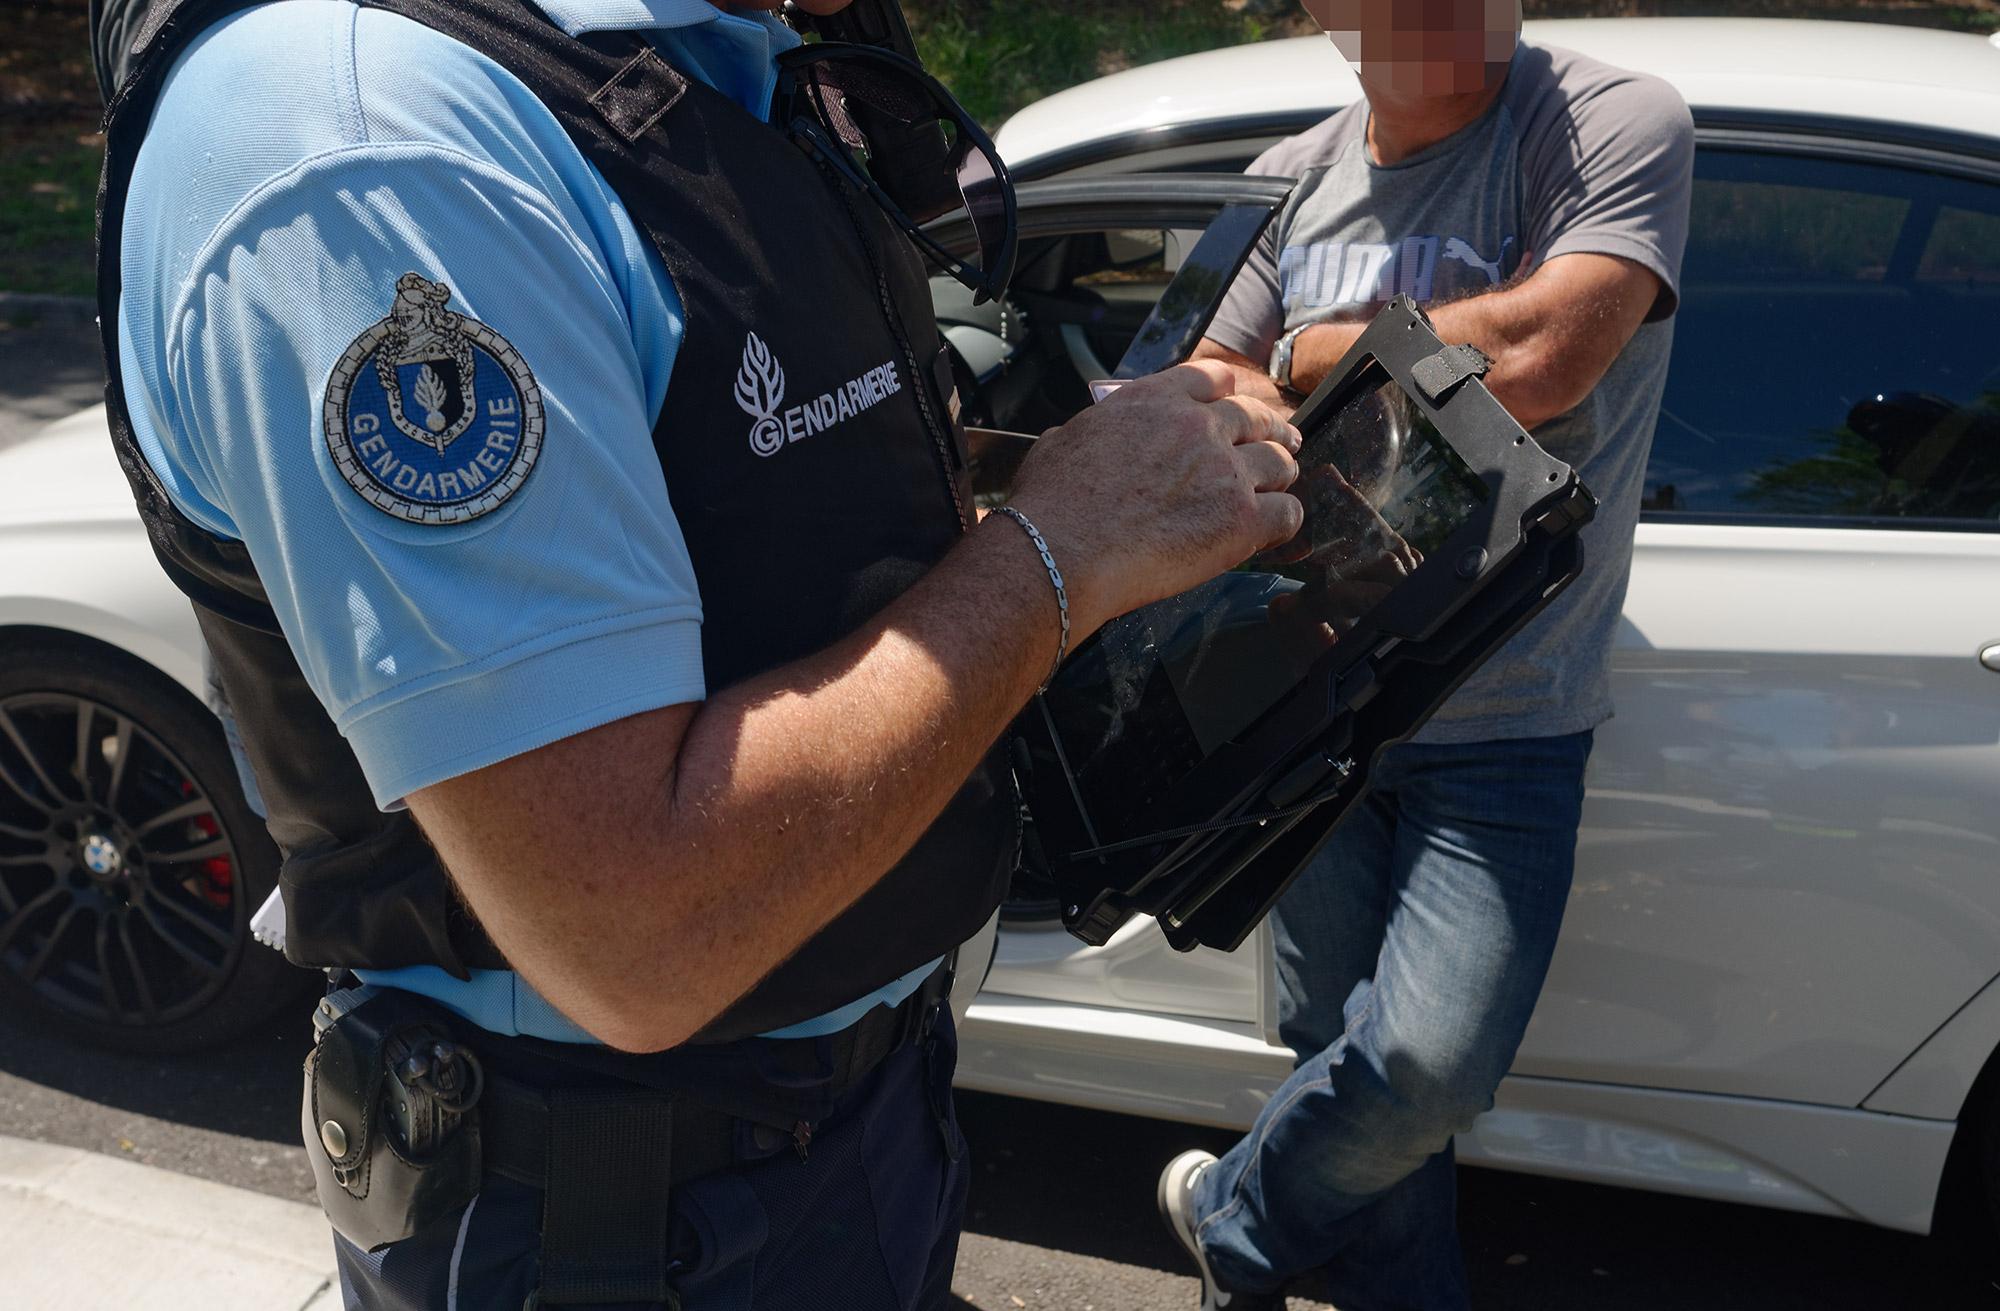 Port d'arme prohibé lors d'un contrôle routier © Valérie Koch - Tous droits réservés